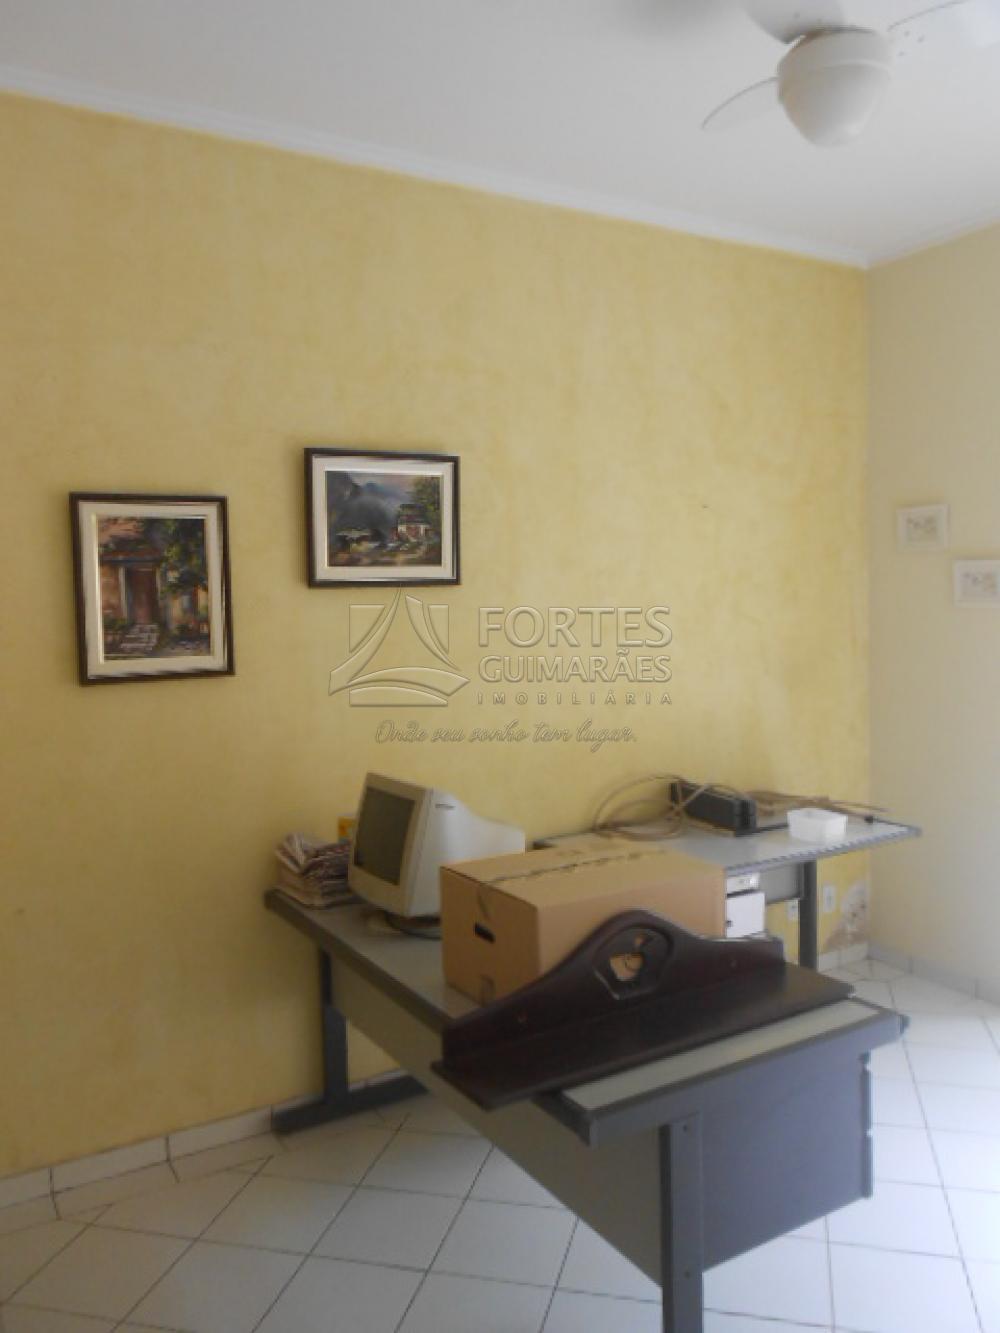 Alugar Comercial / Imóvel Comercial em Ribeirão Preto apenas R$ 3.000,00 - Foto 28